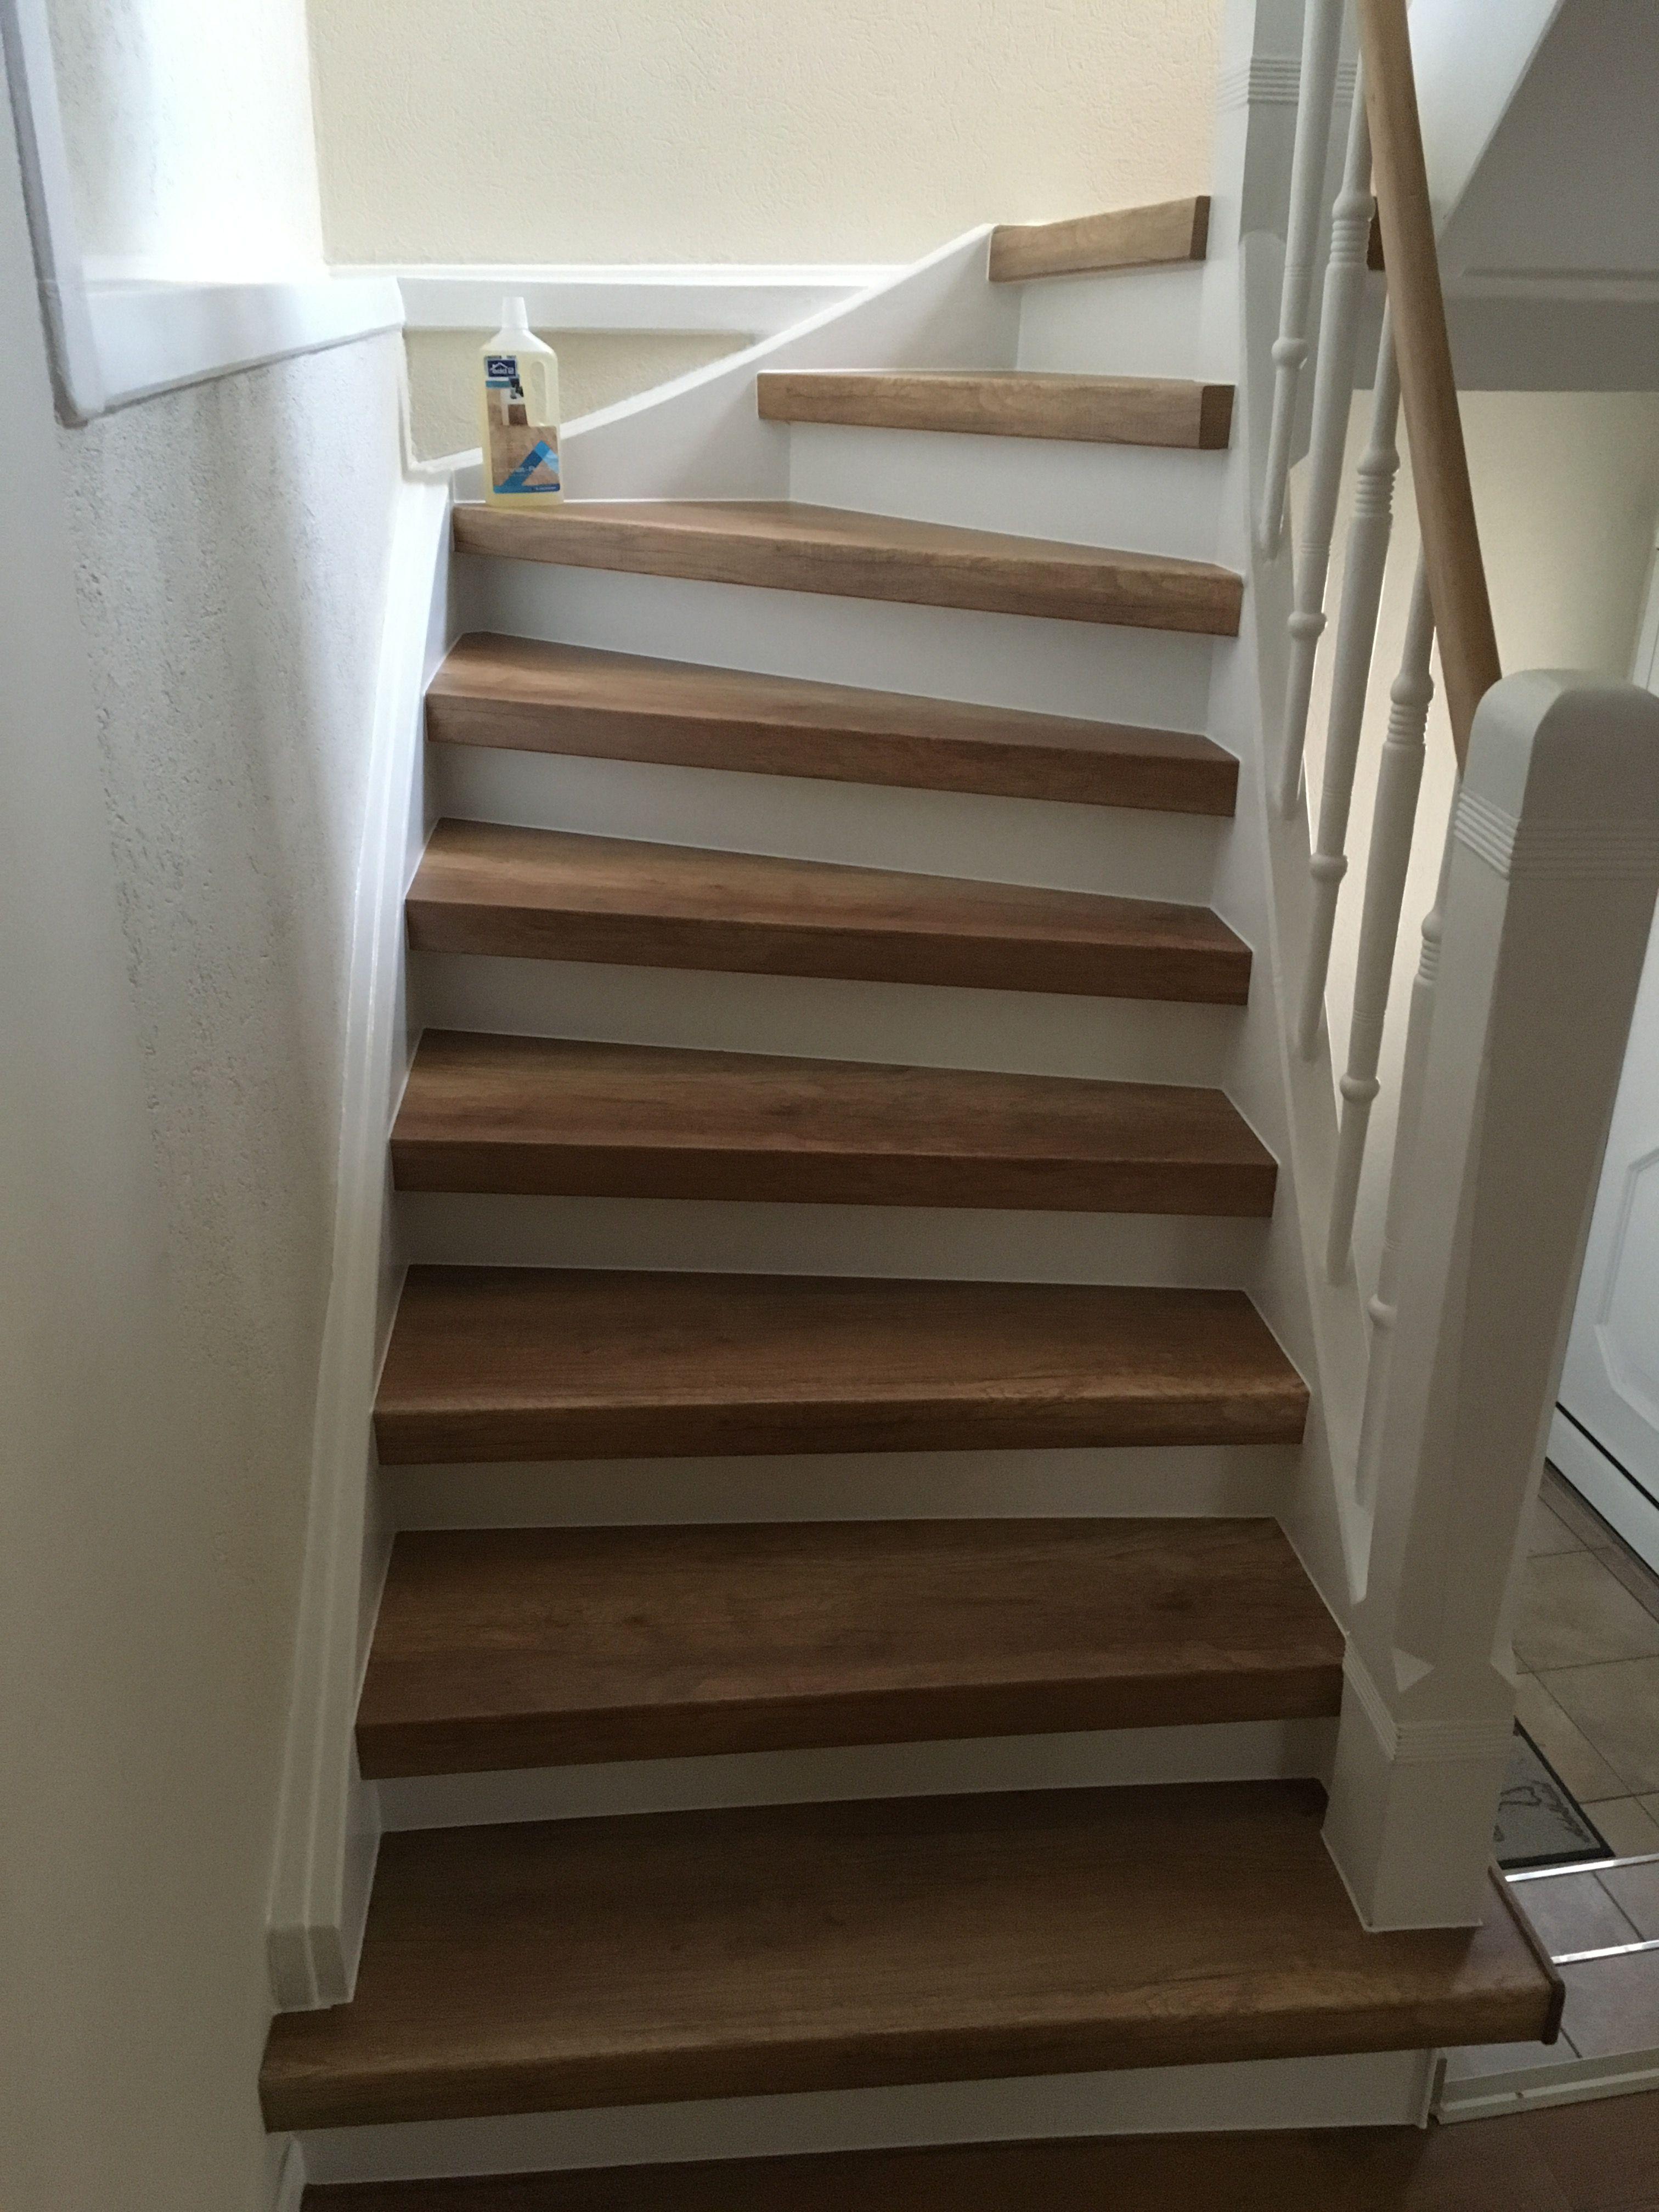 Attraktive Laminatstufen auf alter Holztreppe Alte Treppe neu